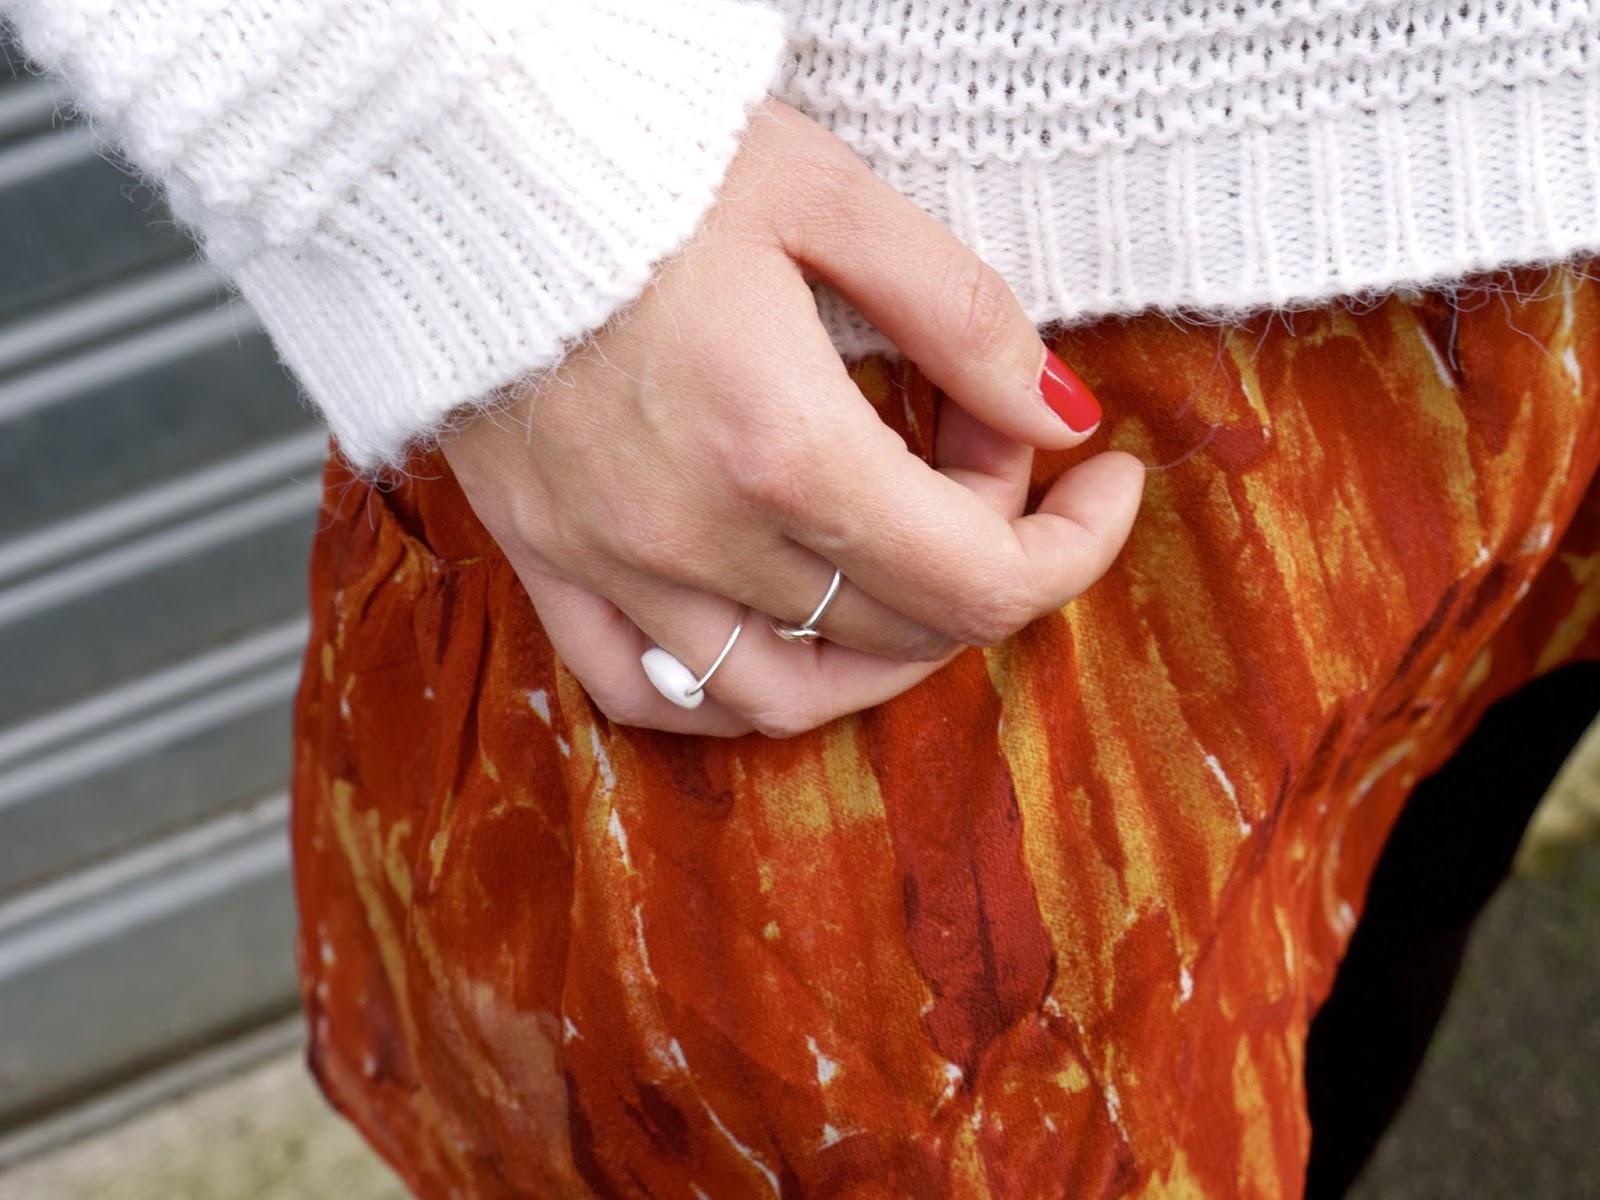 Blog Mode Et Beaut Lille Audressing Le Pull COTR X Pimkie